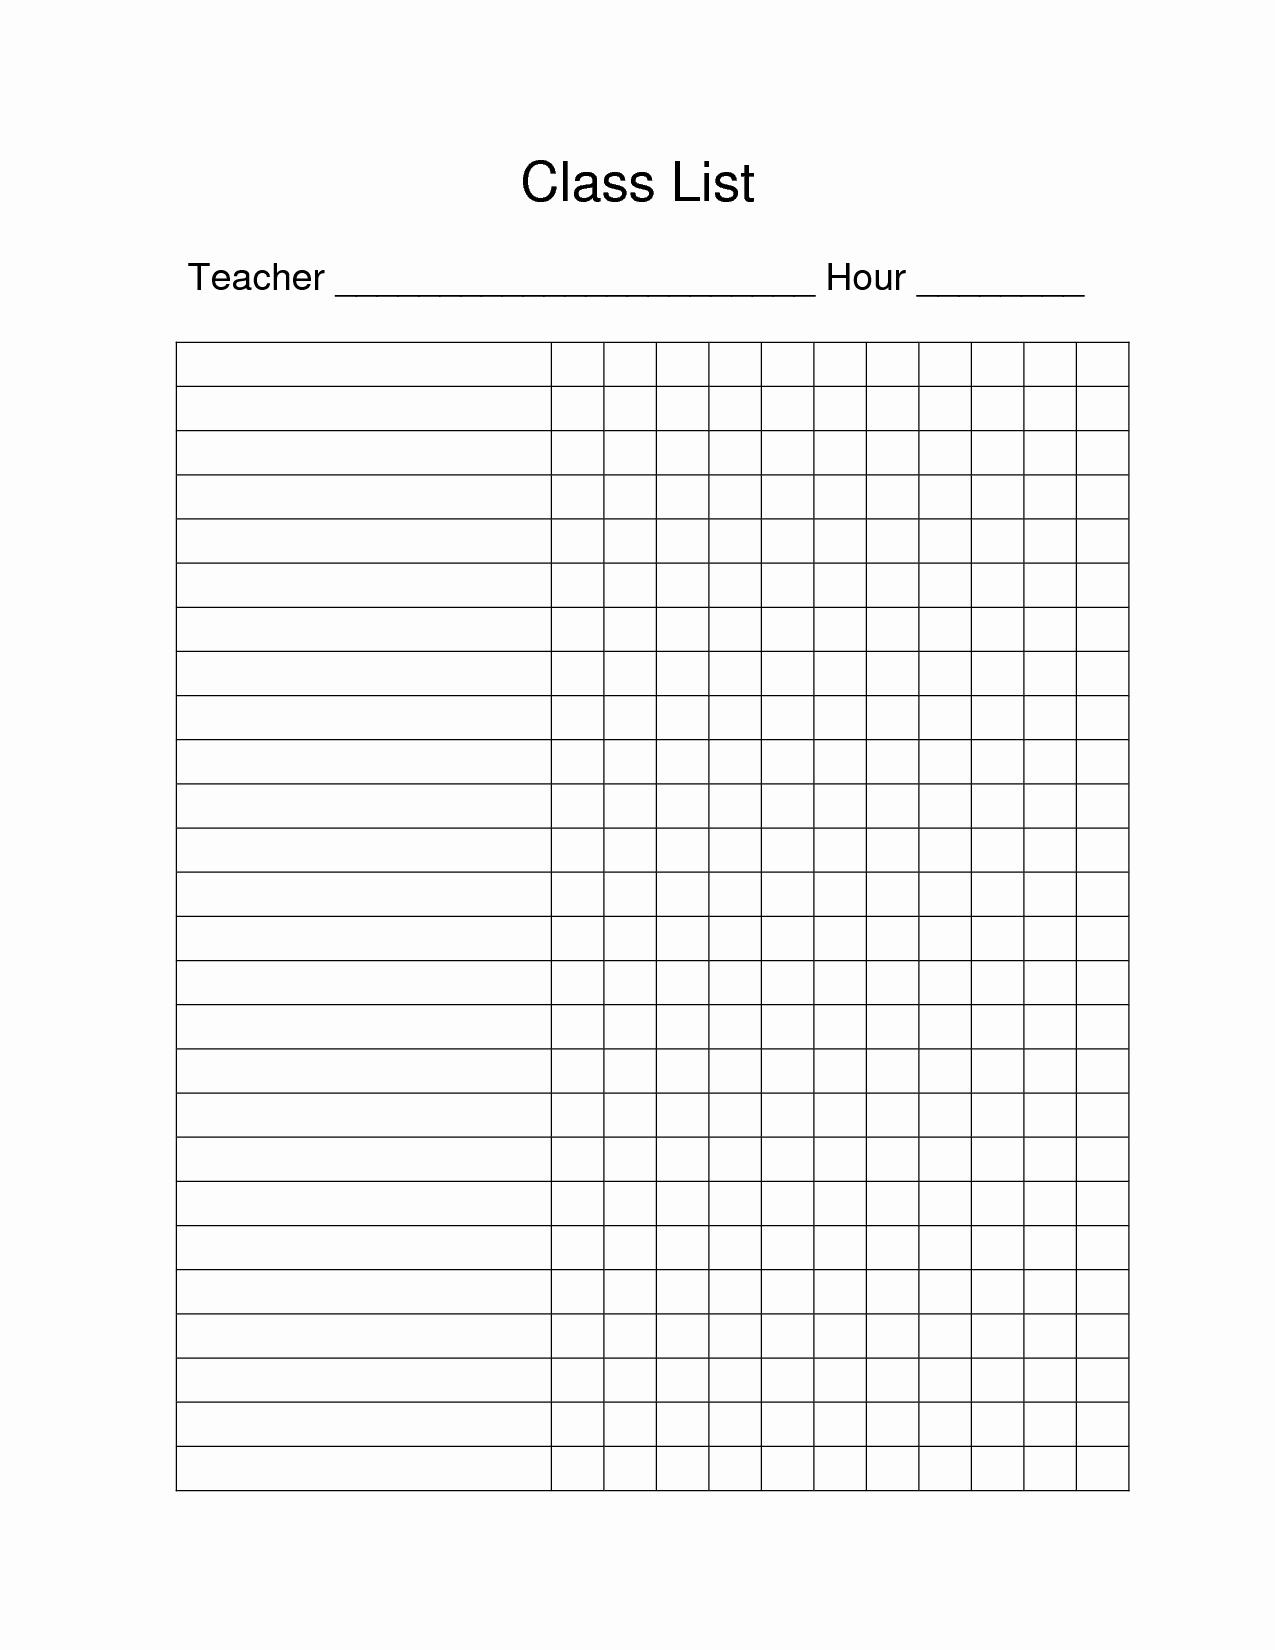 Editable Class List Lovely Free Printable Class List Template for Teachers Blank